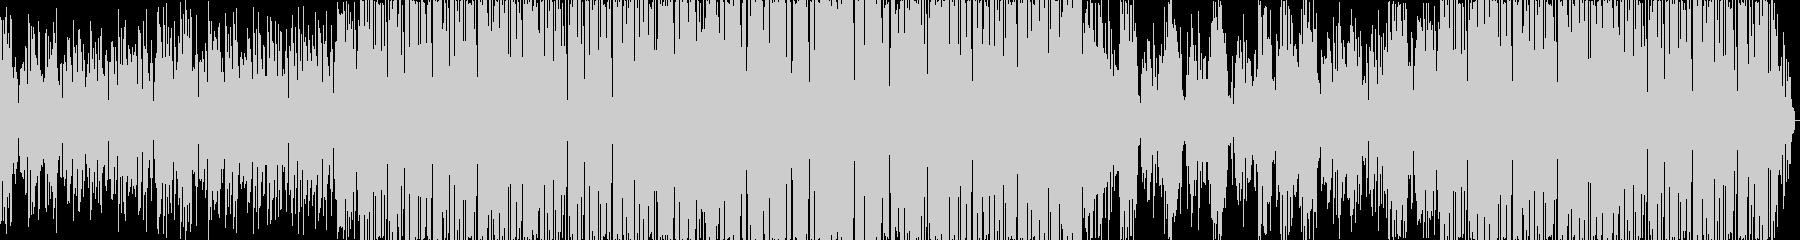 エレクトロニック 技術的な 電化 ...の未再生の波形